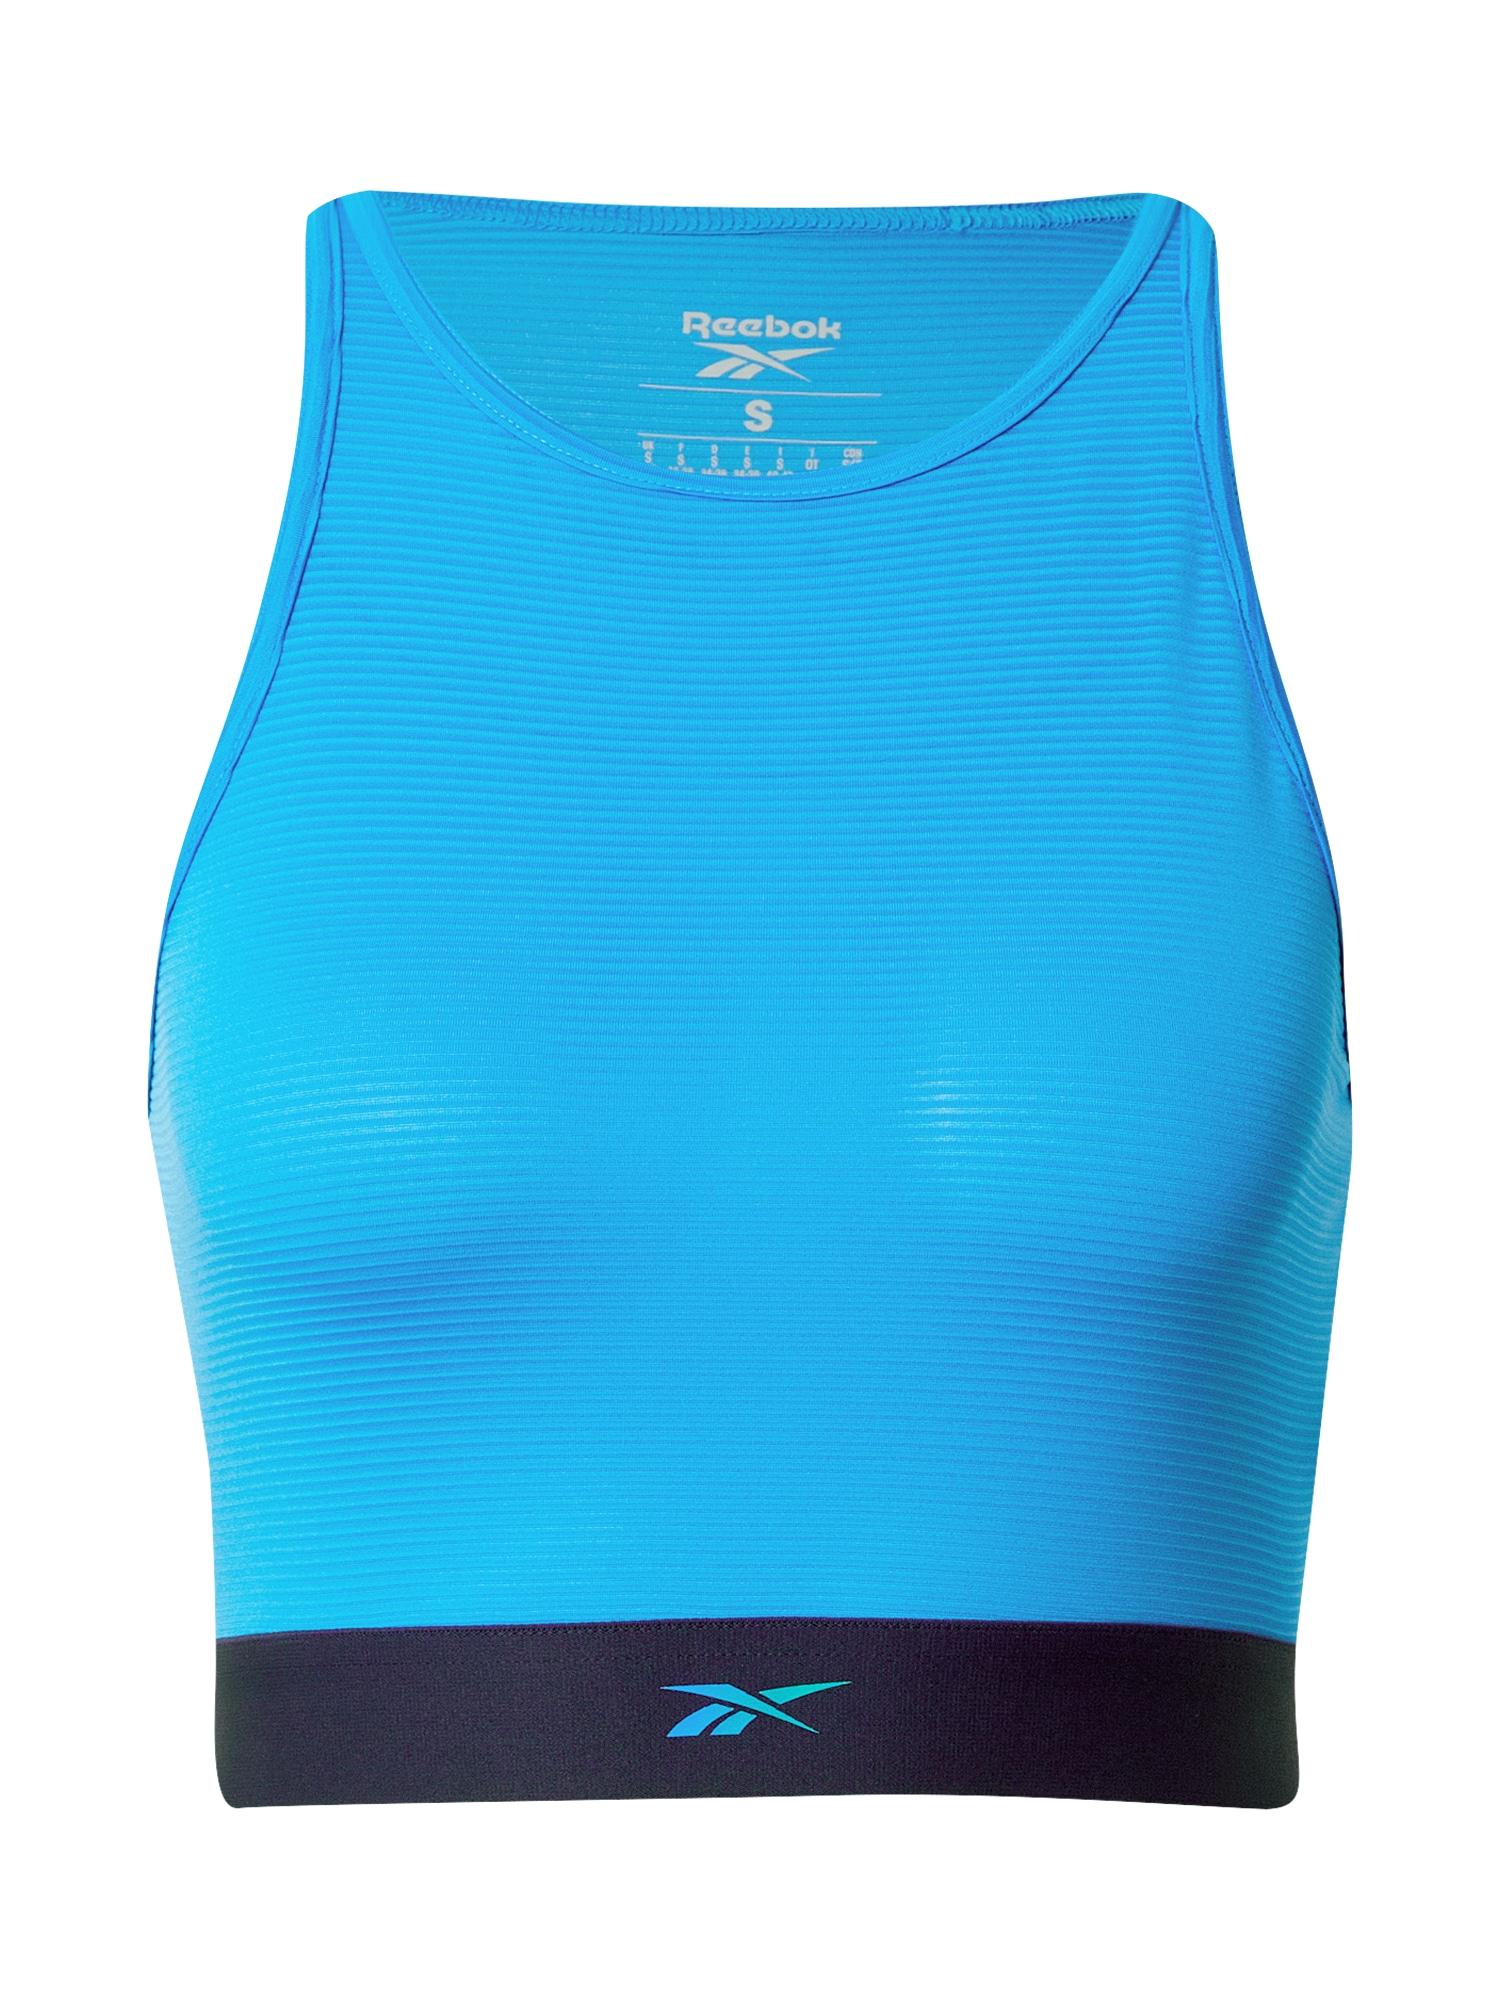 REEBOK Sportovní podprsenka  nebeská modř / marine modrá